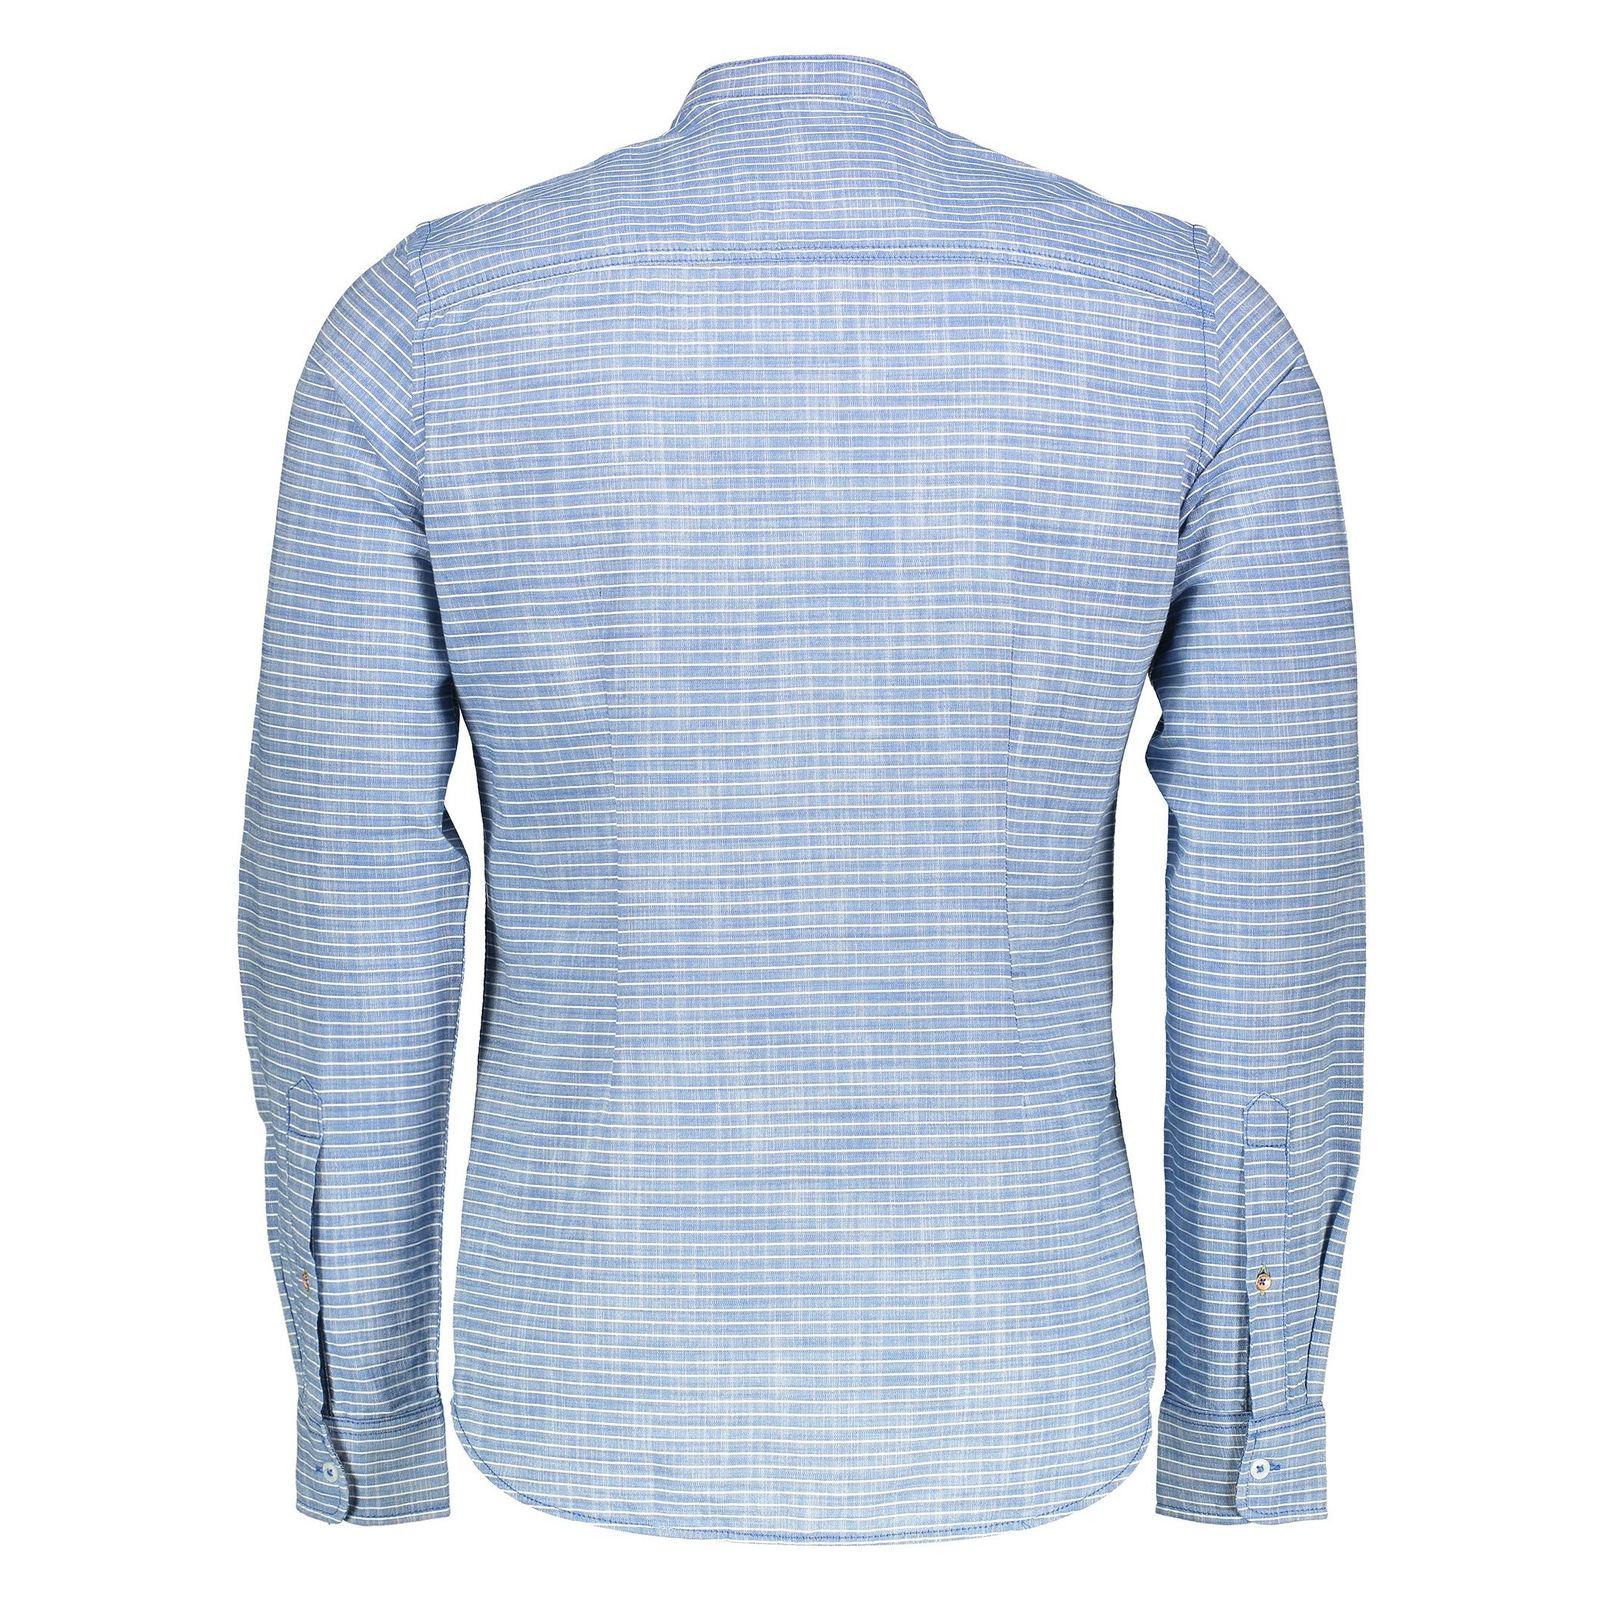 پیراهن نخی آستین بلند مردانه - اس.اولیور - آبي  - 2